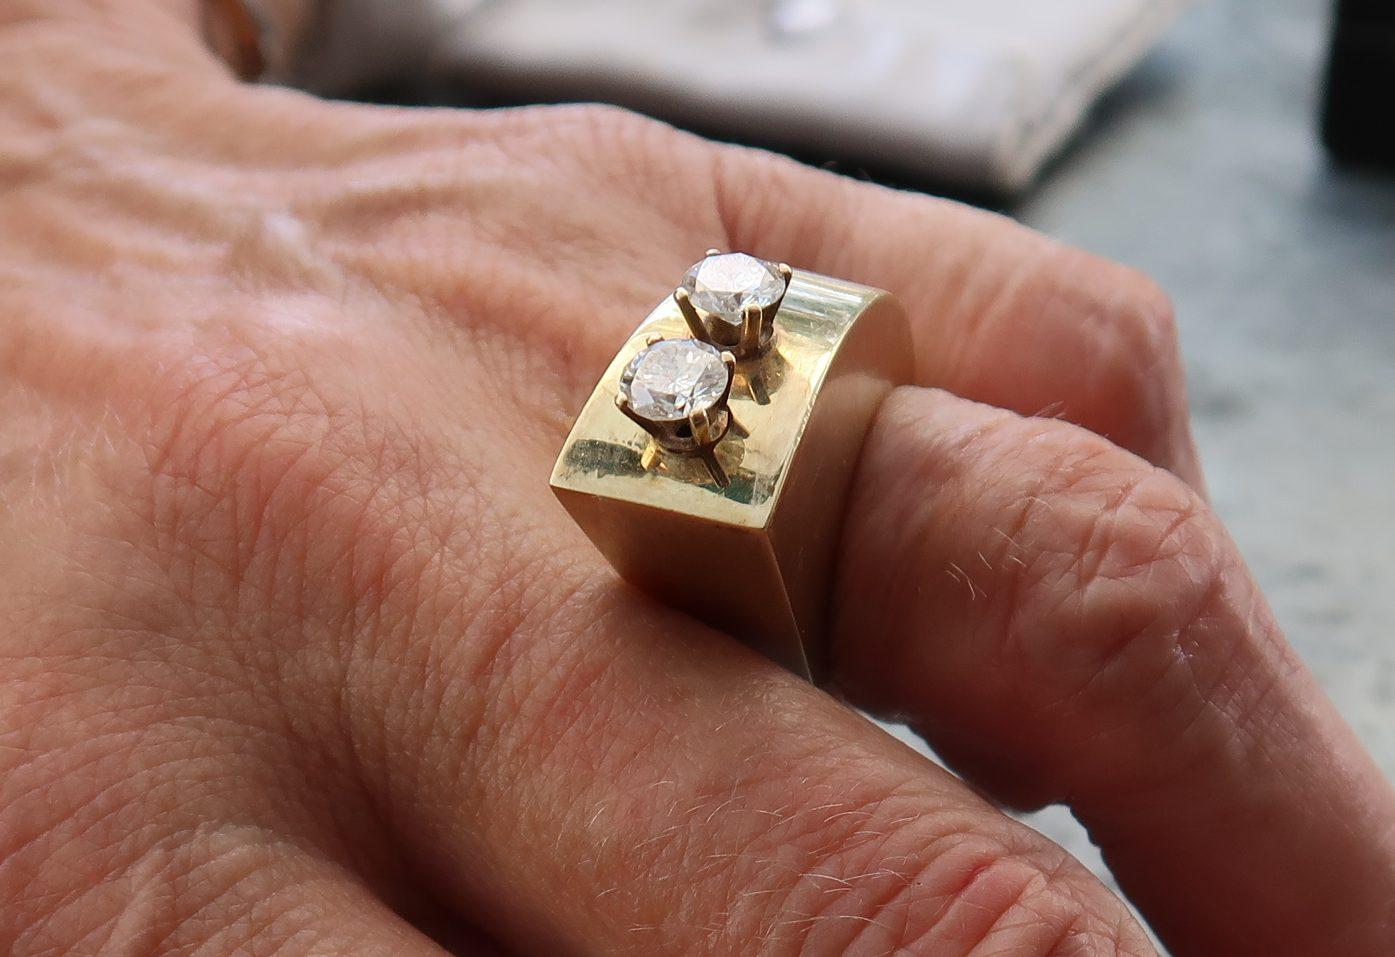 Karel Niehorster, ring, 1991. Particuliere collectie. Foto Coert Peter Krabbe, goud, briljanten